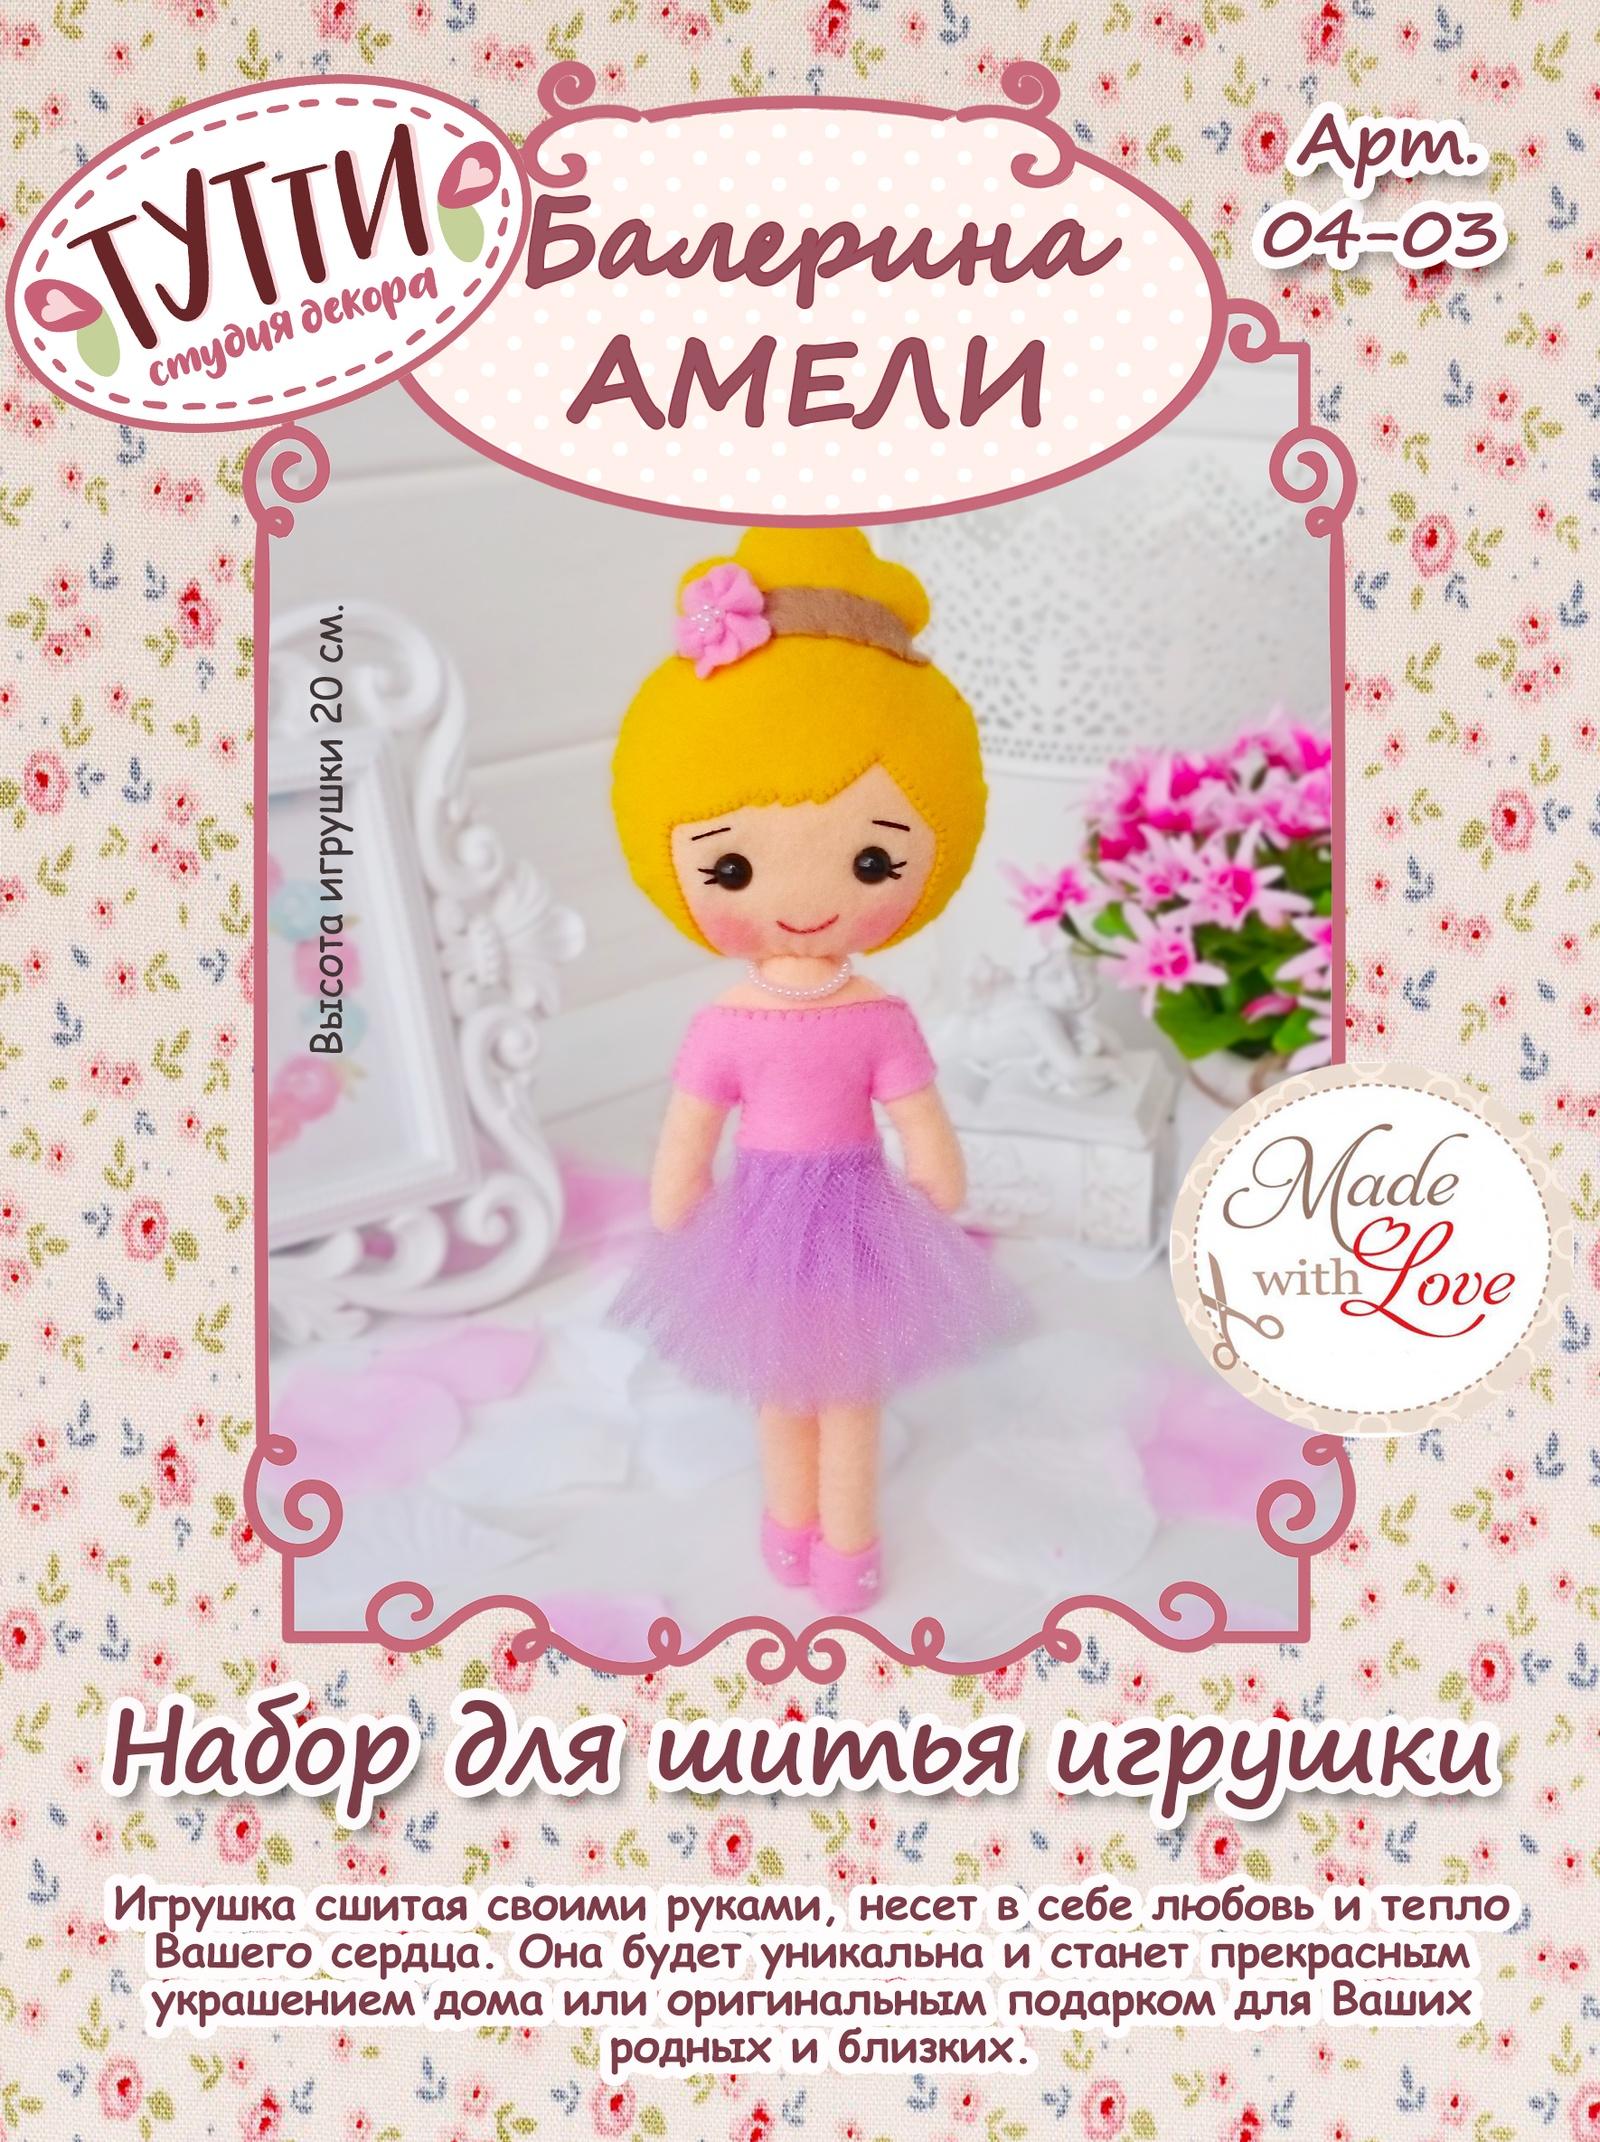 """Набор для изготовления игрушки Тутти """"Балерина Амели"""", 04-03"""